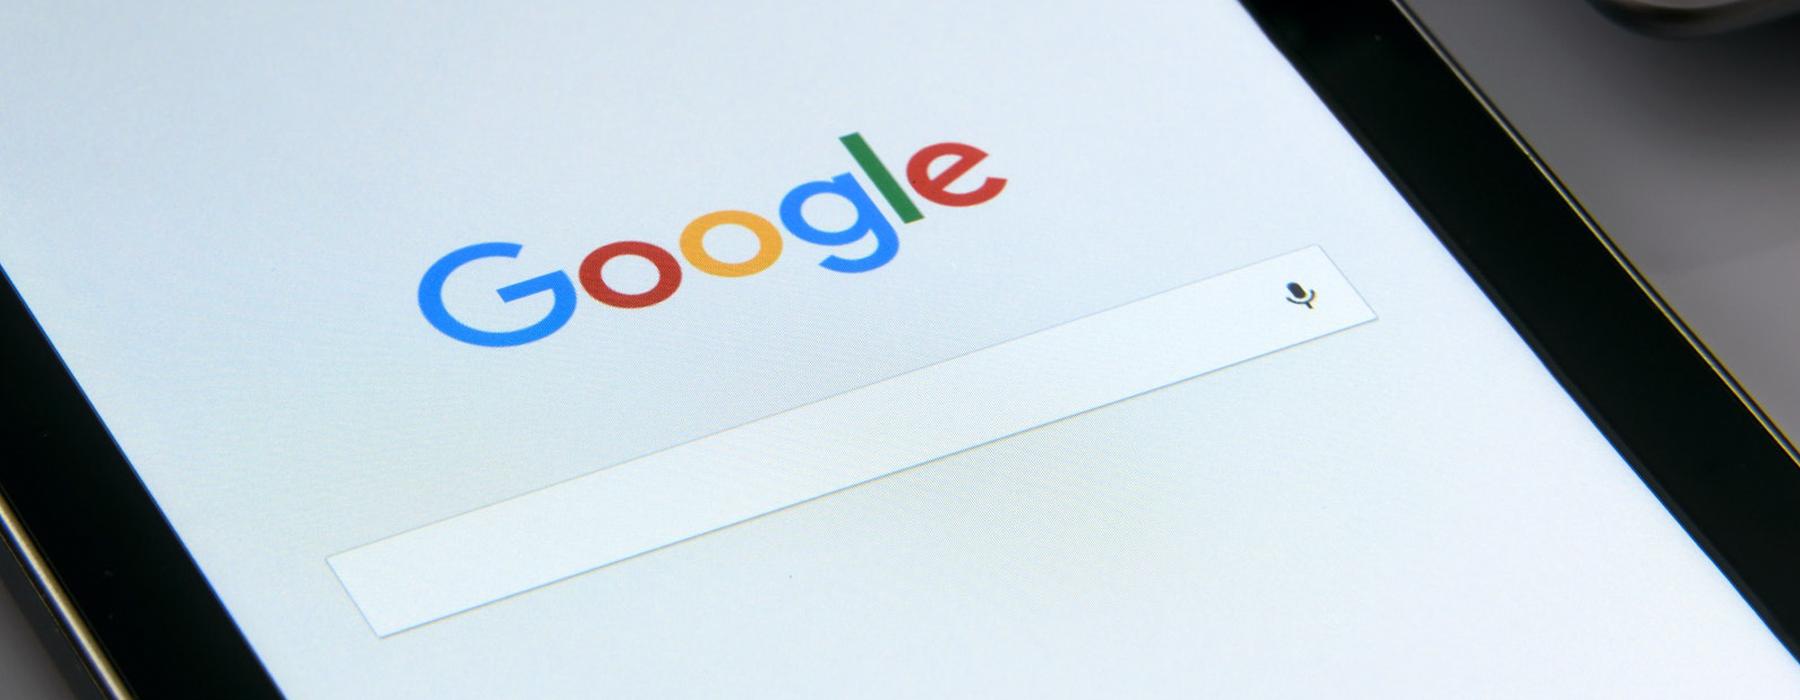 Бисквитките на Google - какви са промените и защо е важно да сме информирани